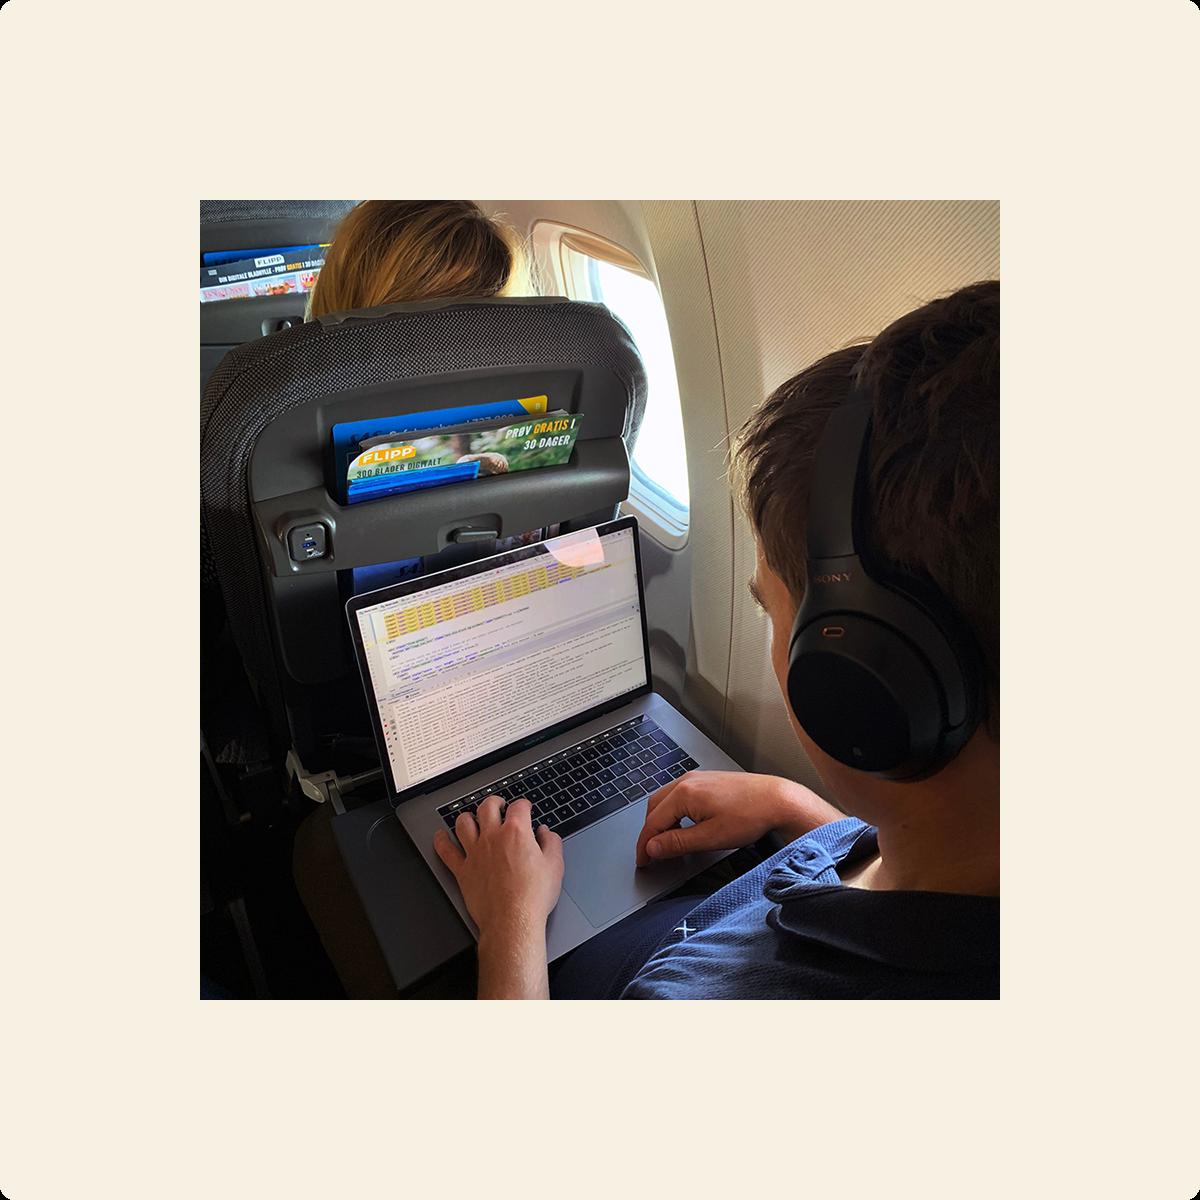 Fotografi av person på fly som sitter med datamaskin i fanget